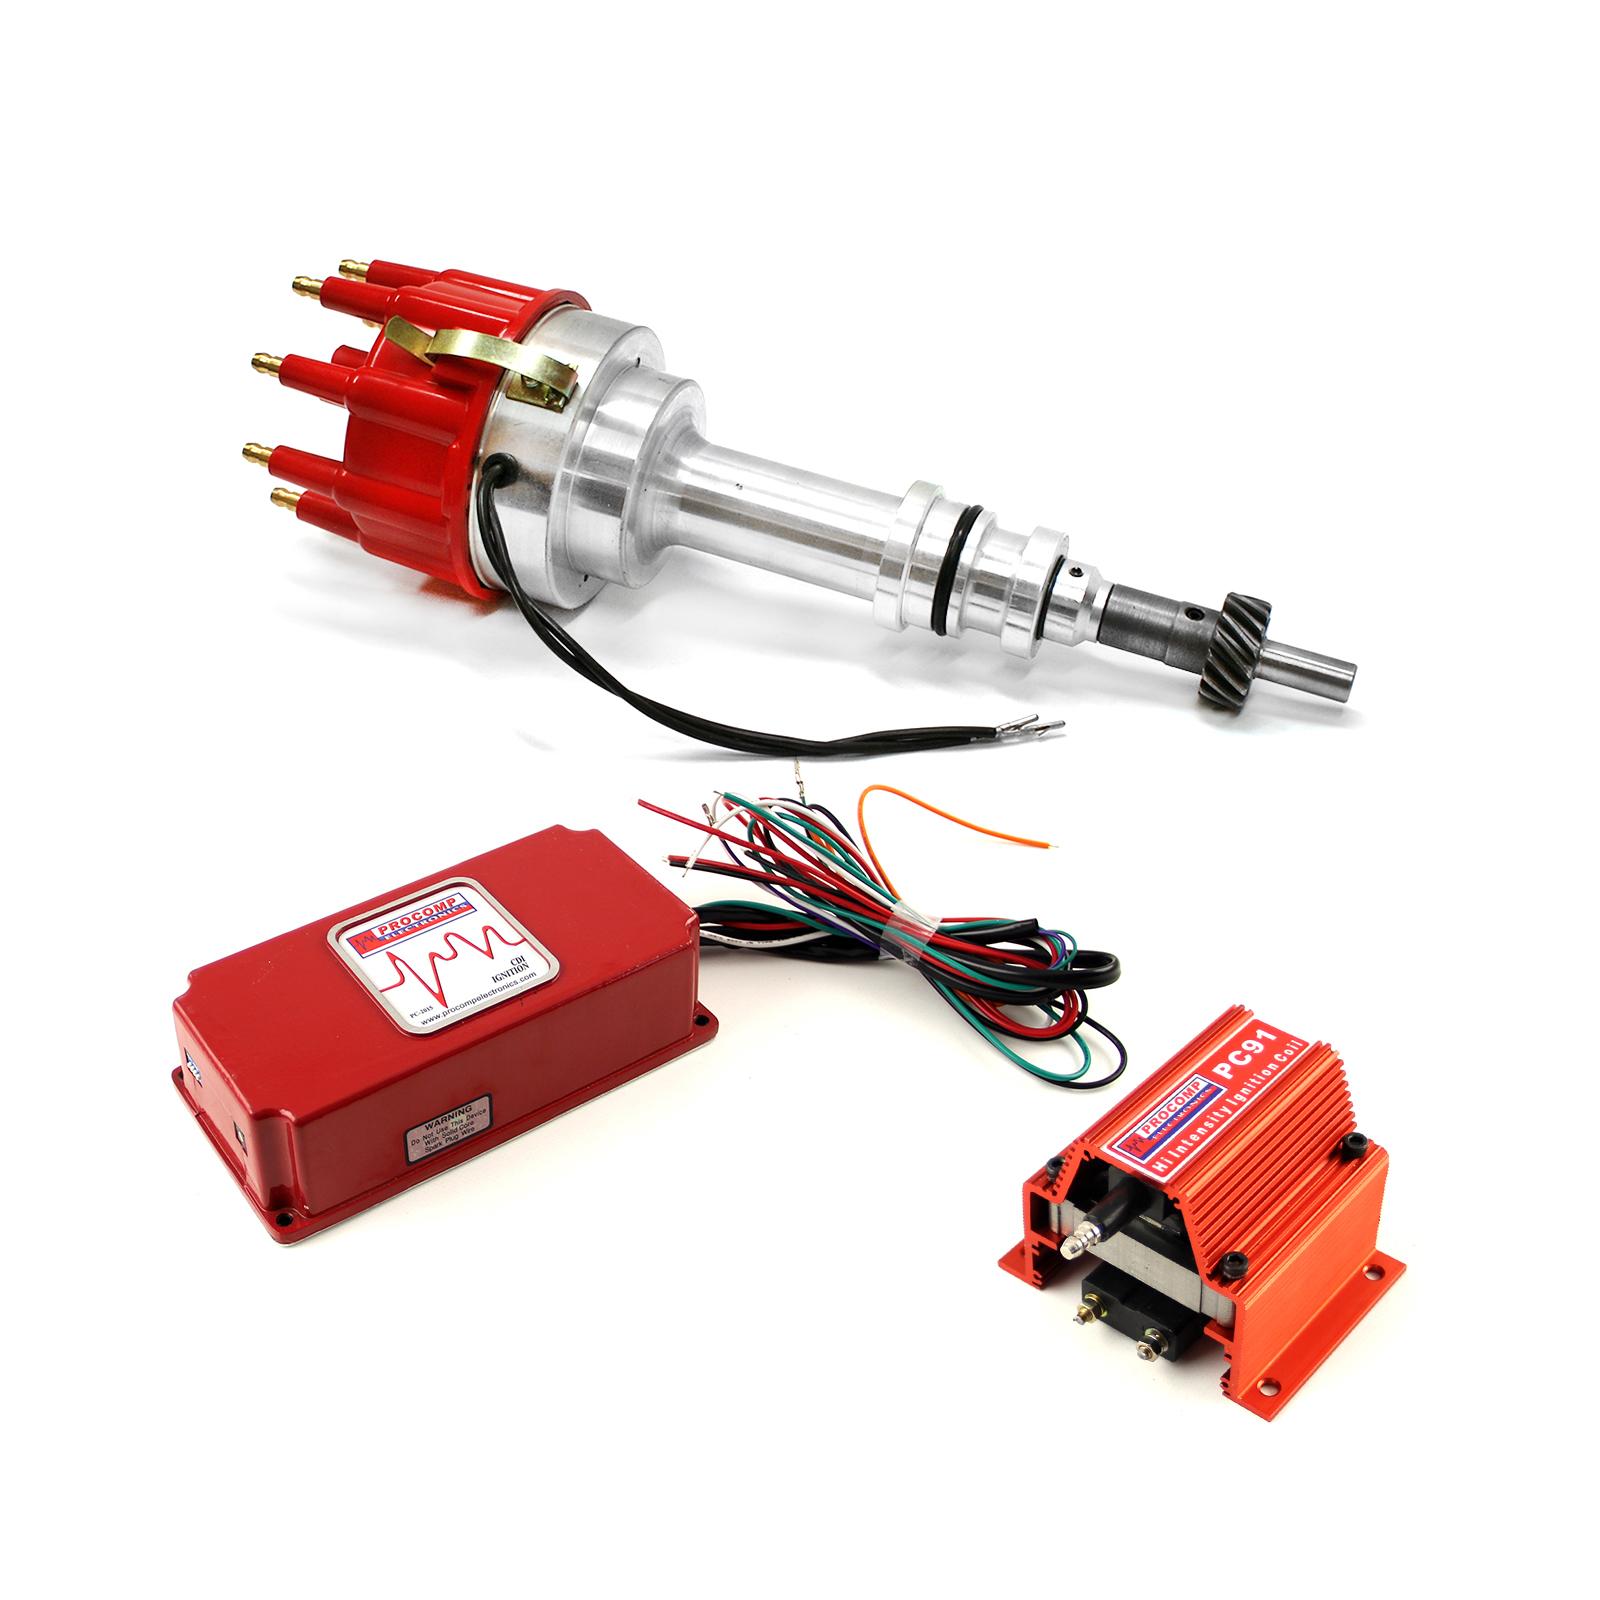 Ford 351W Windsor Pro Billet Distributor 6AL CDI Ignition & Coil Kit